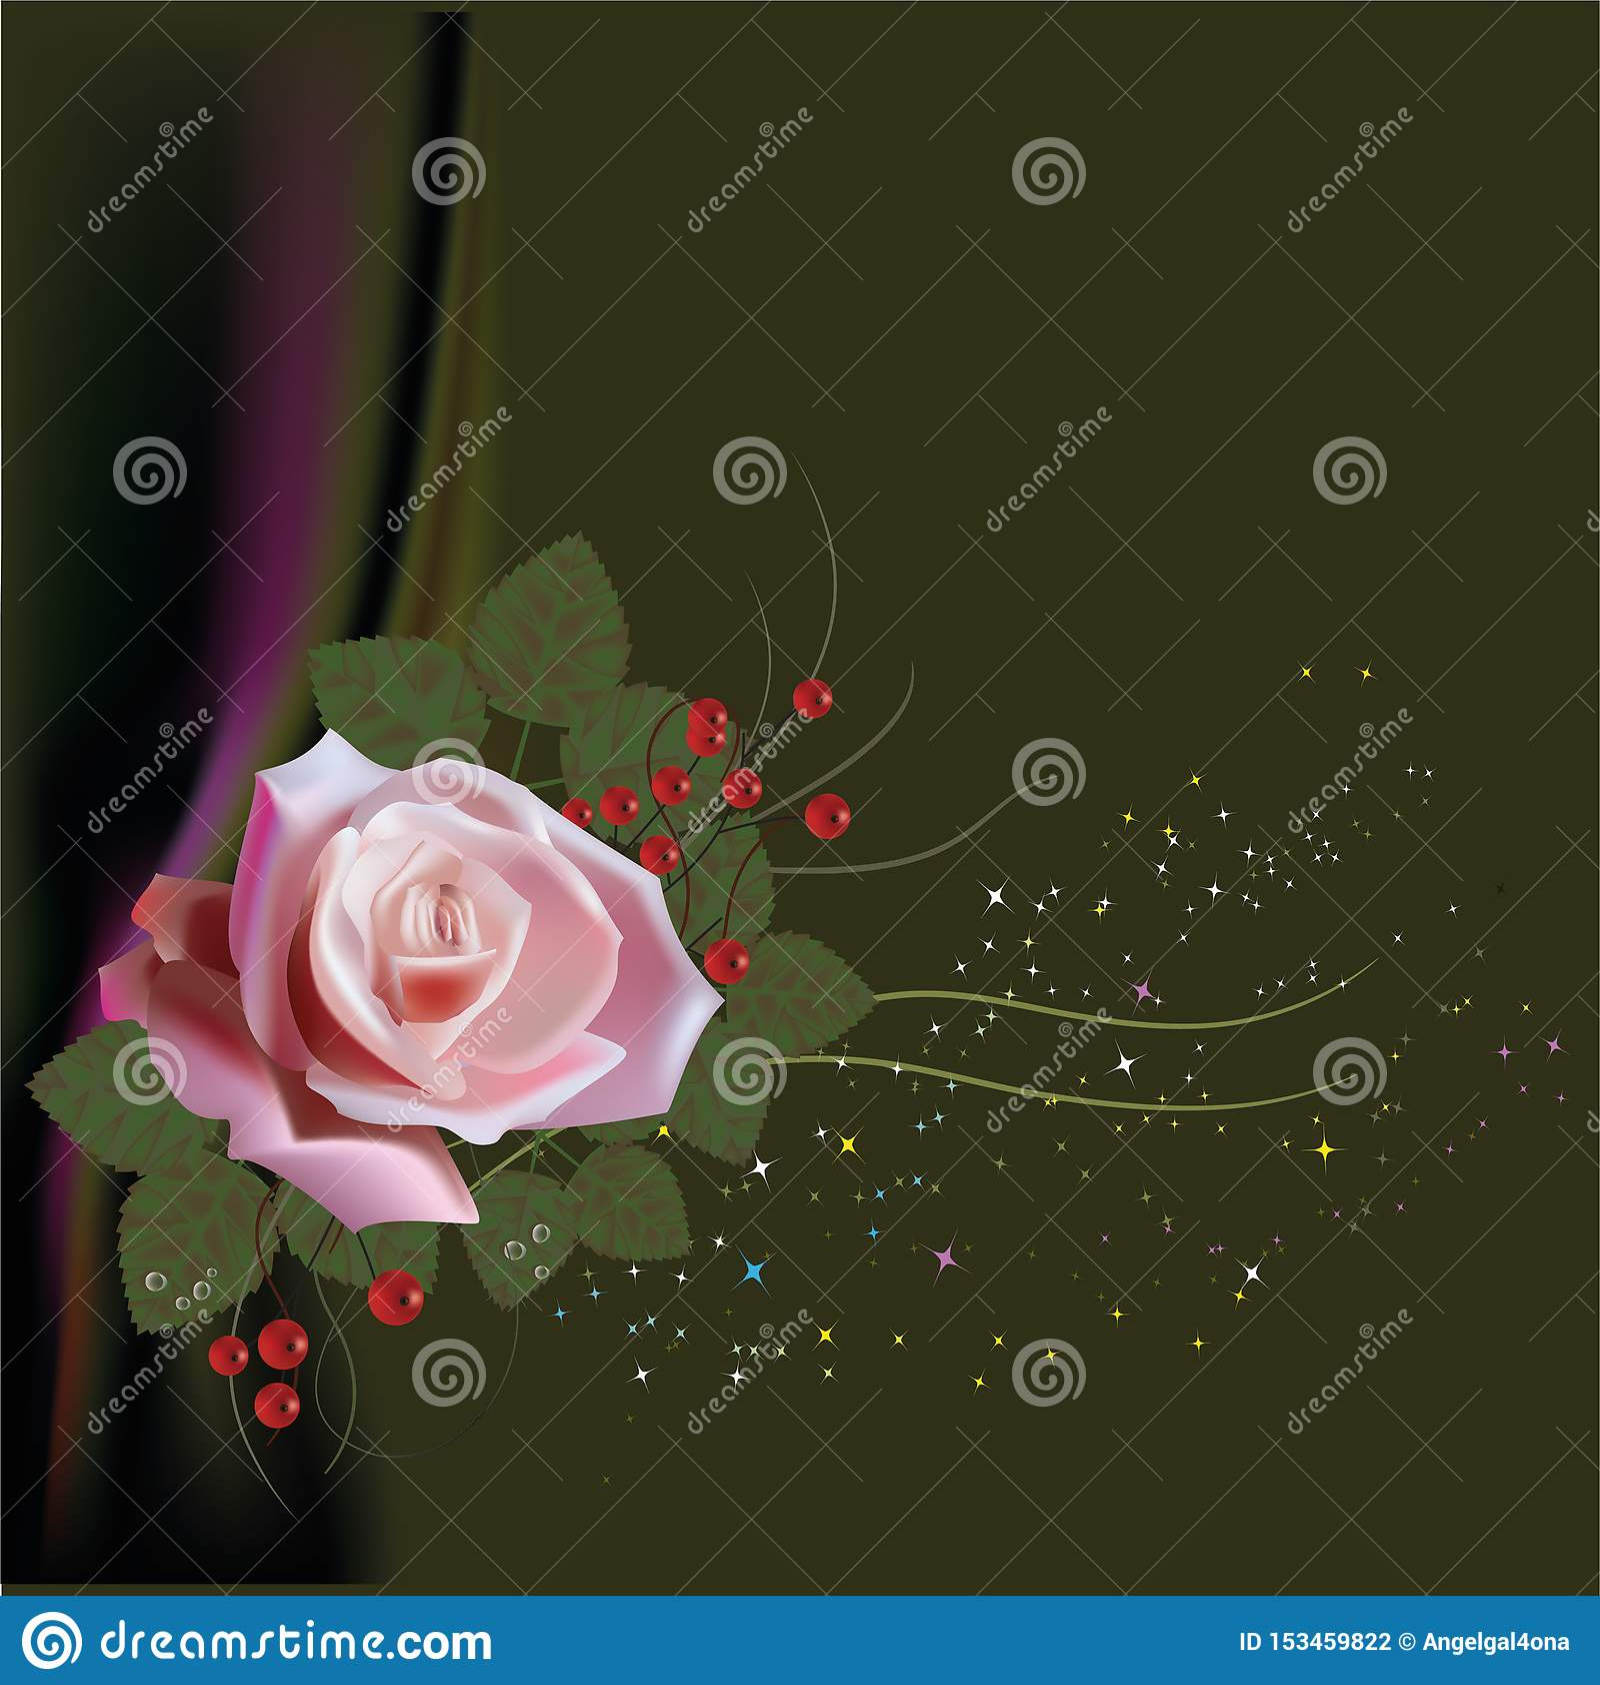 роза, картина, флористическая, предпосылка, пинк, цветок, цветки, бумага, год сбора винограда, дизайн, вектор, весна, Валентайн,